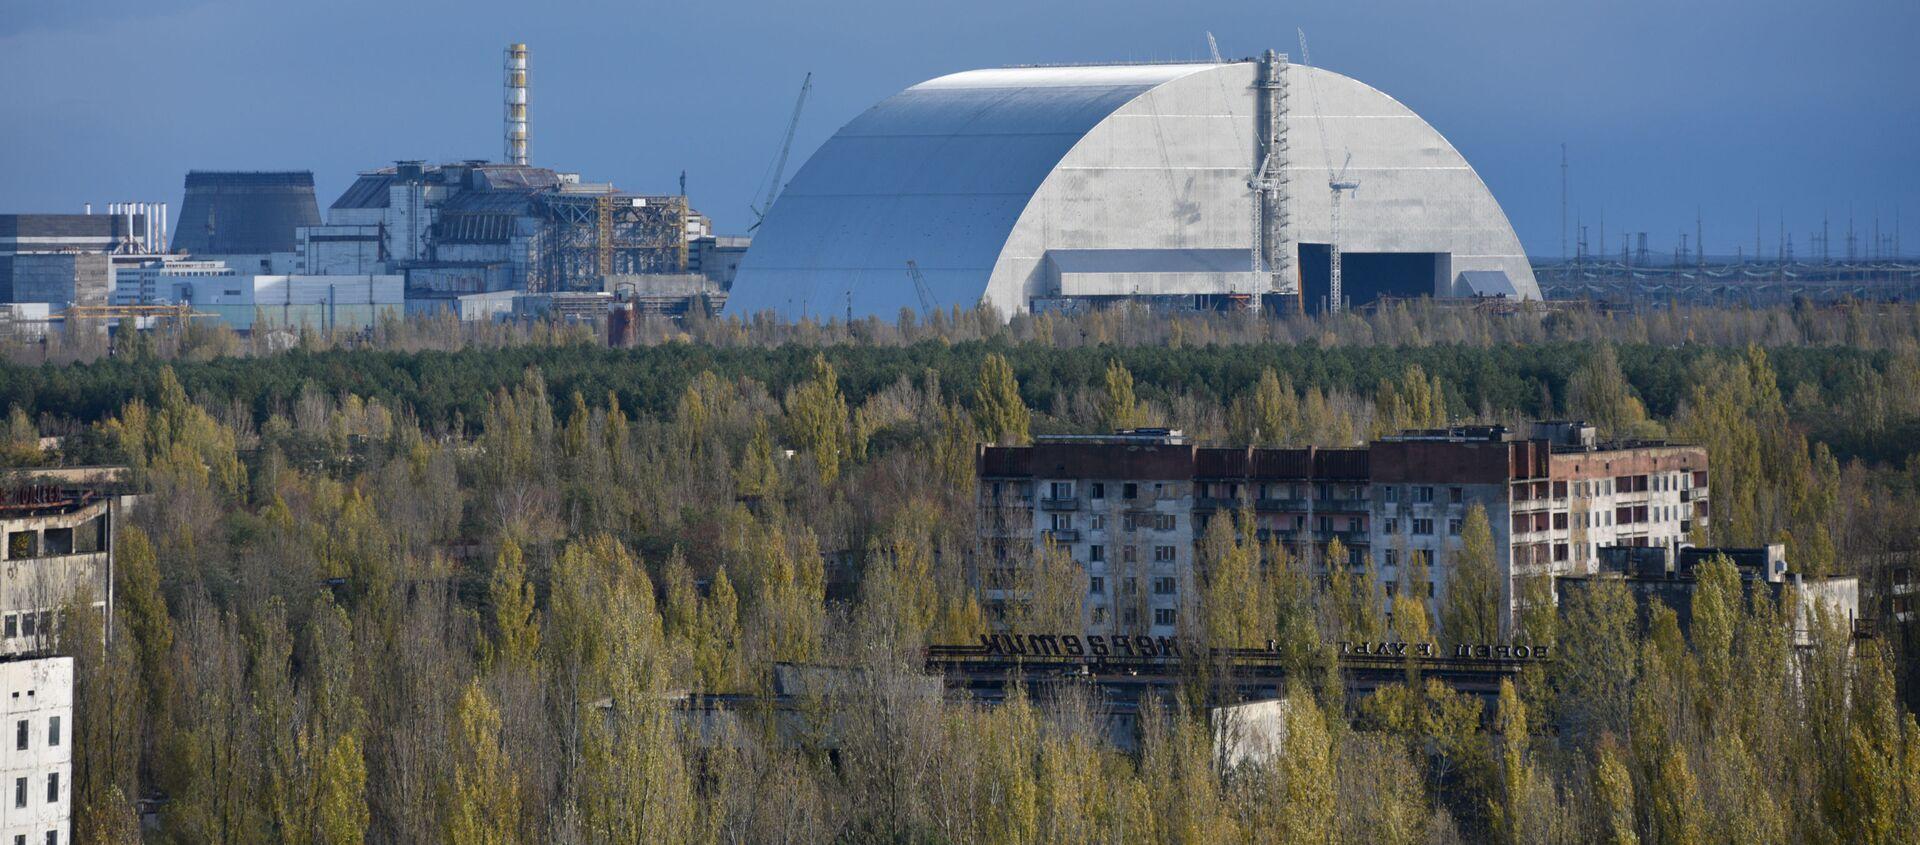 Elektrownia jądrowa w Czarnobylu - Sputnik Polska, 1920, 13.05.2021